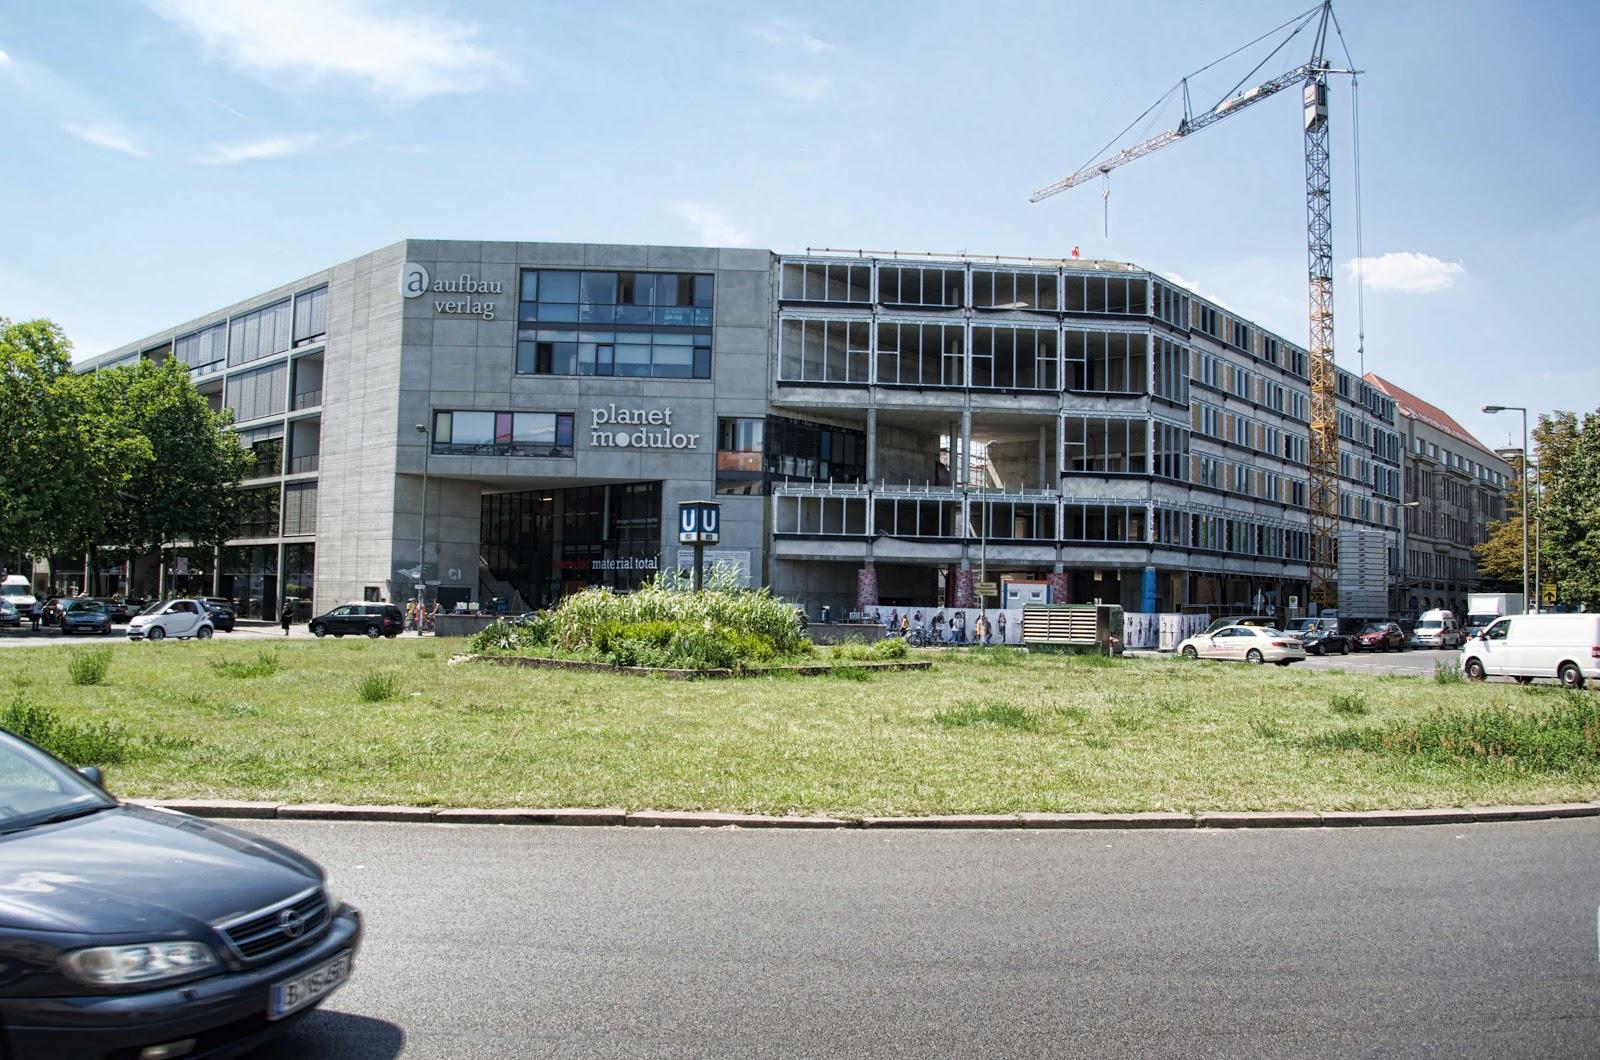 Baustelle Erweiterung AUFBAU HAUS, Planet Modulor, Moritzplatz,  Oranienstraße, 10969 Berlin, 04.07